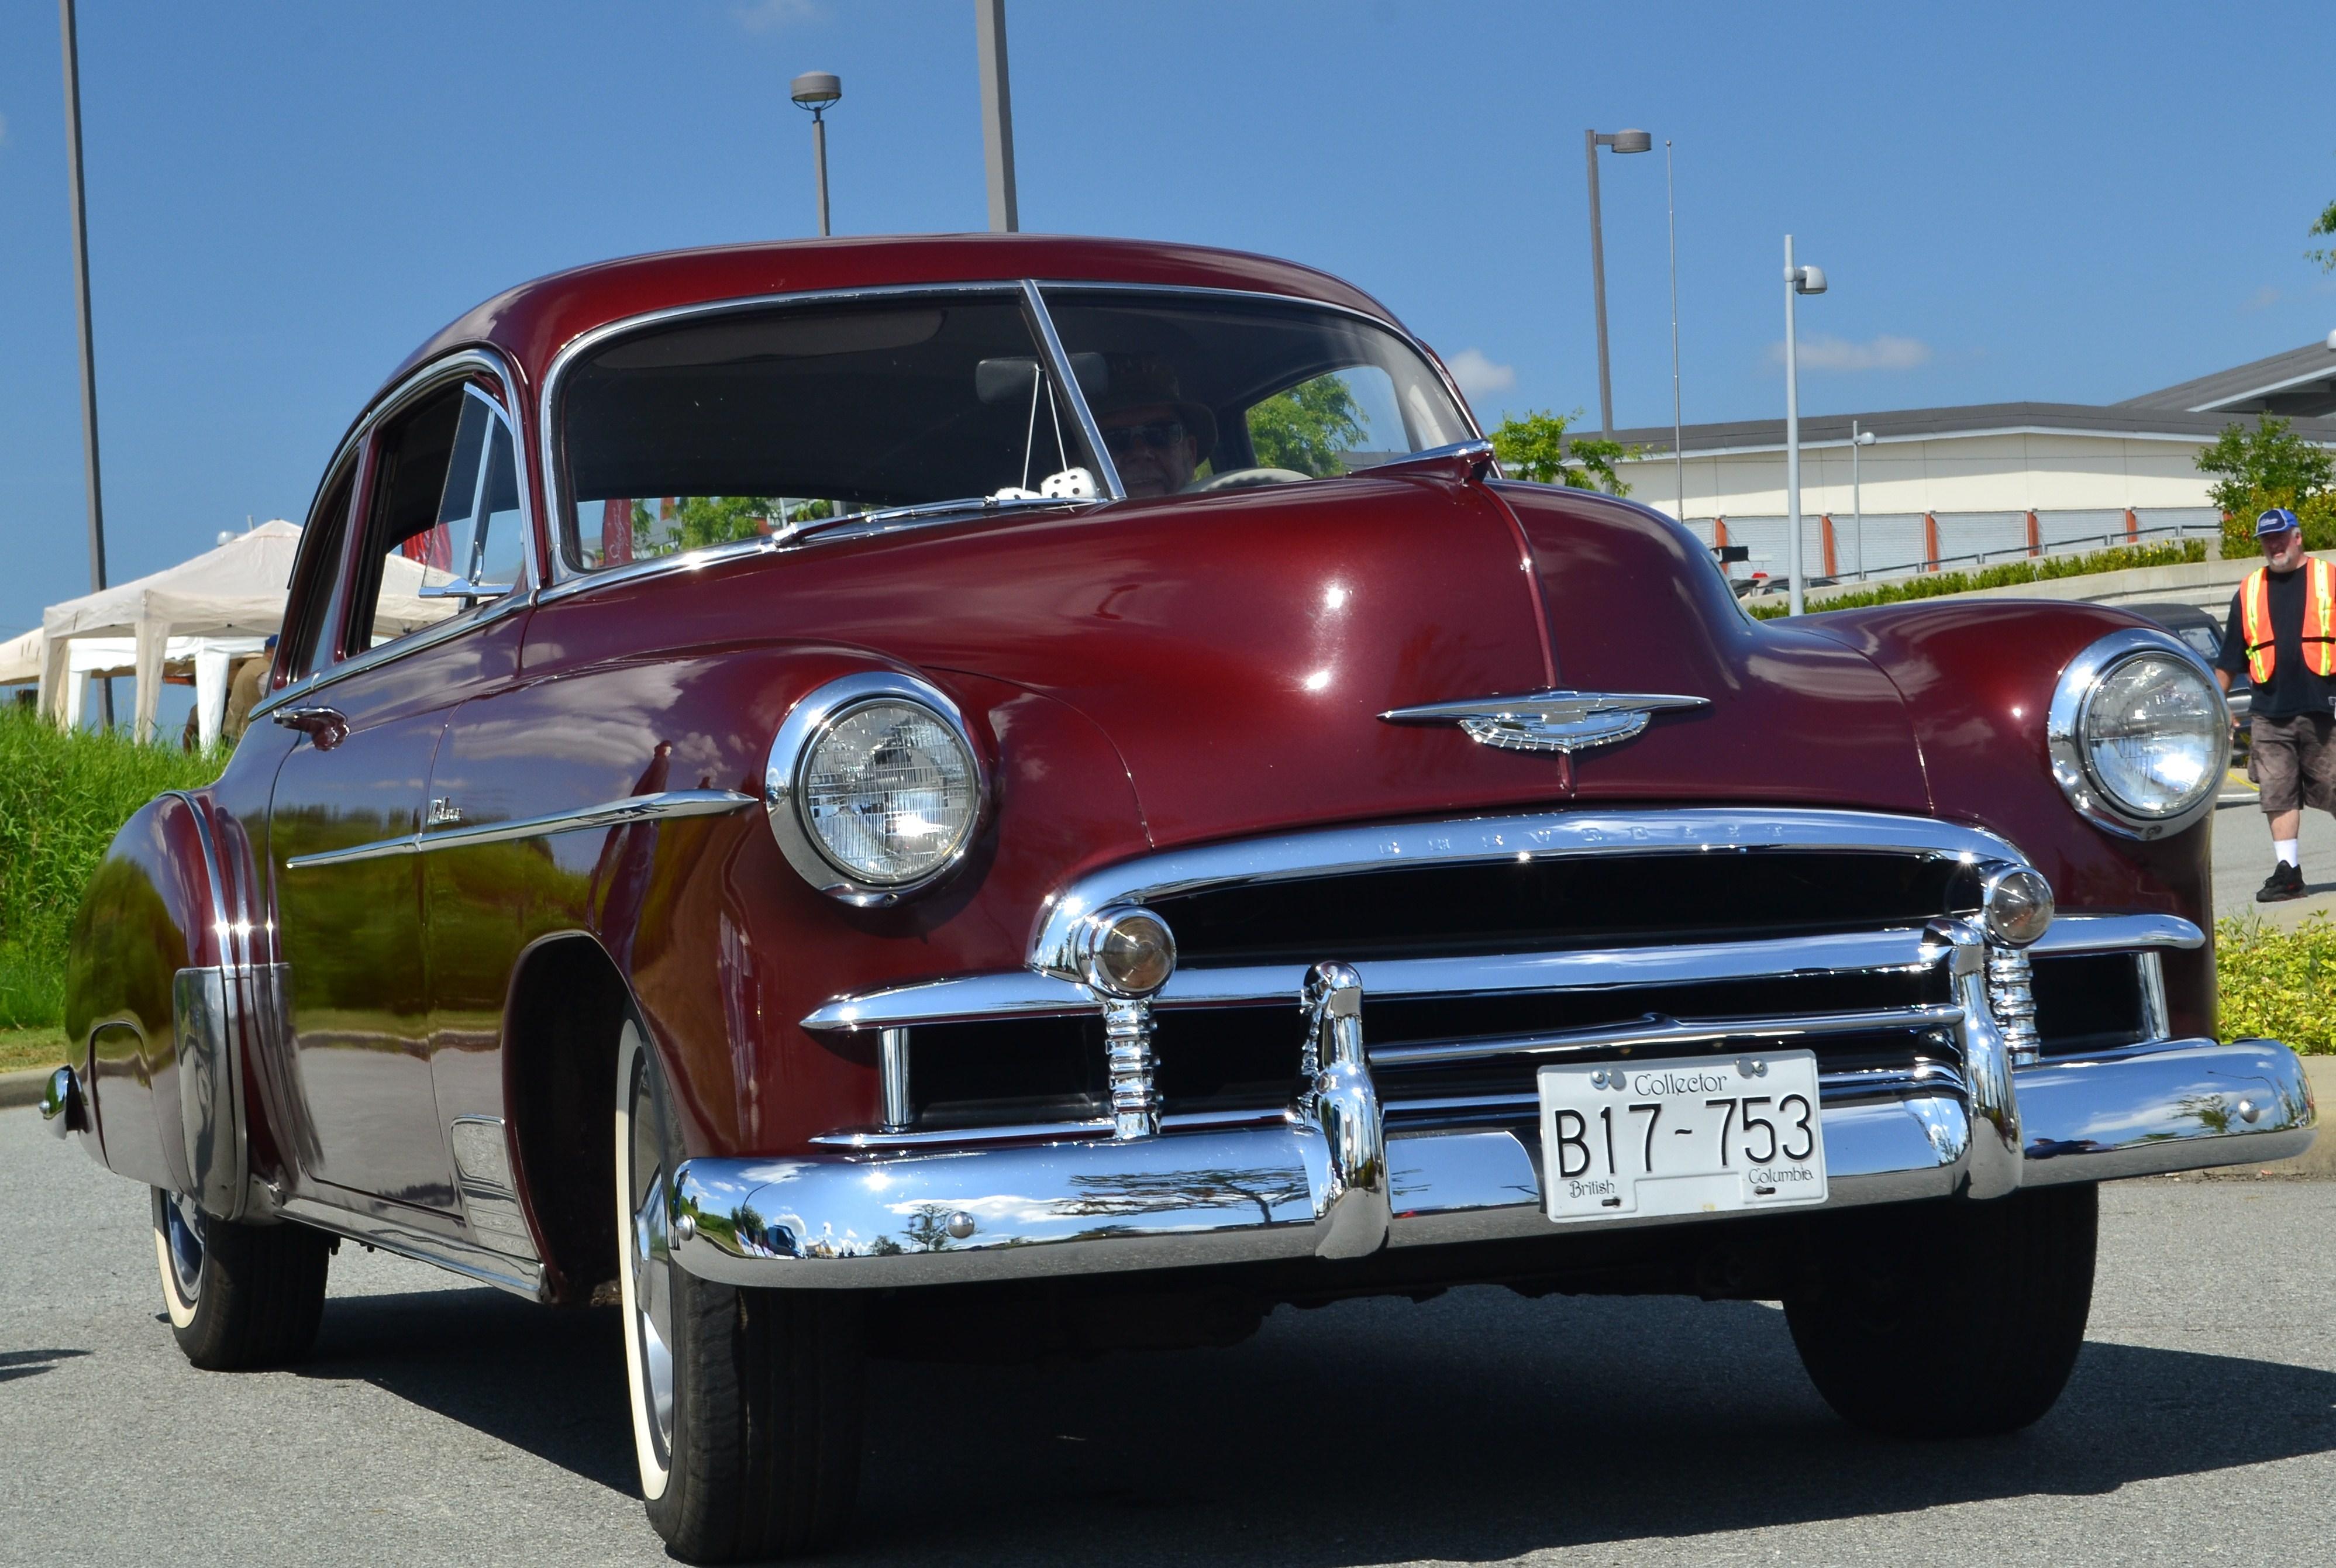 1950 chevrolet styleline deluxe 2 door sedan flickr for 1950 chevy deluxe 2 door